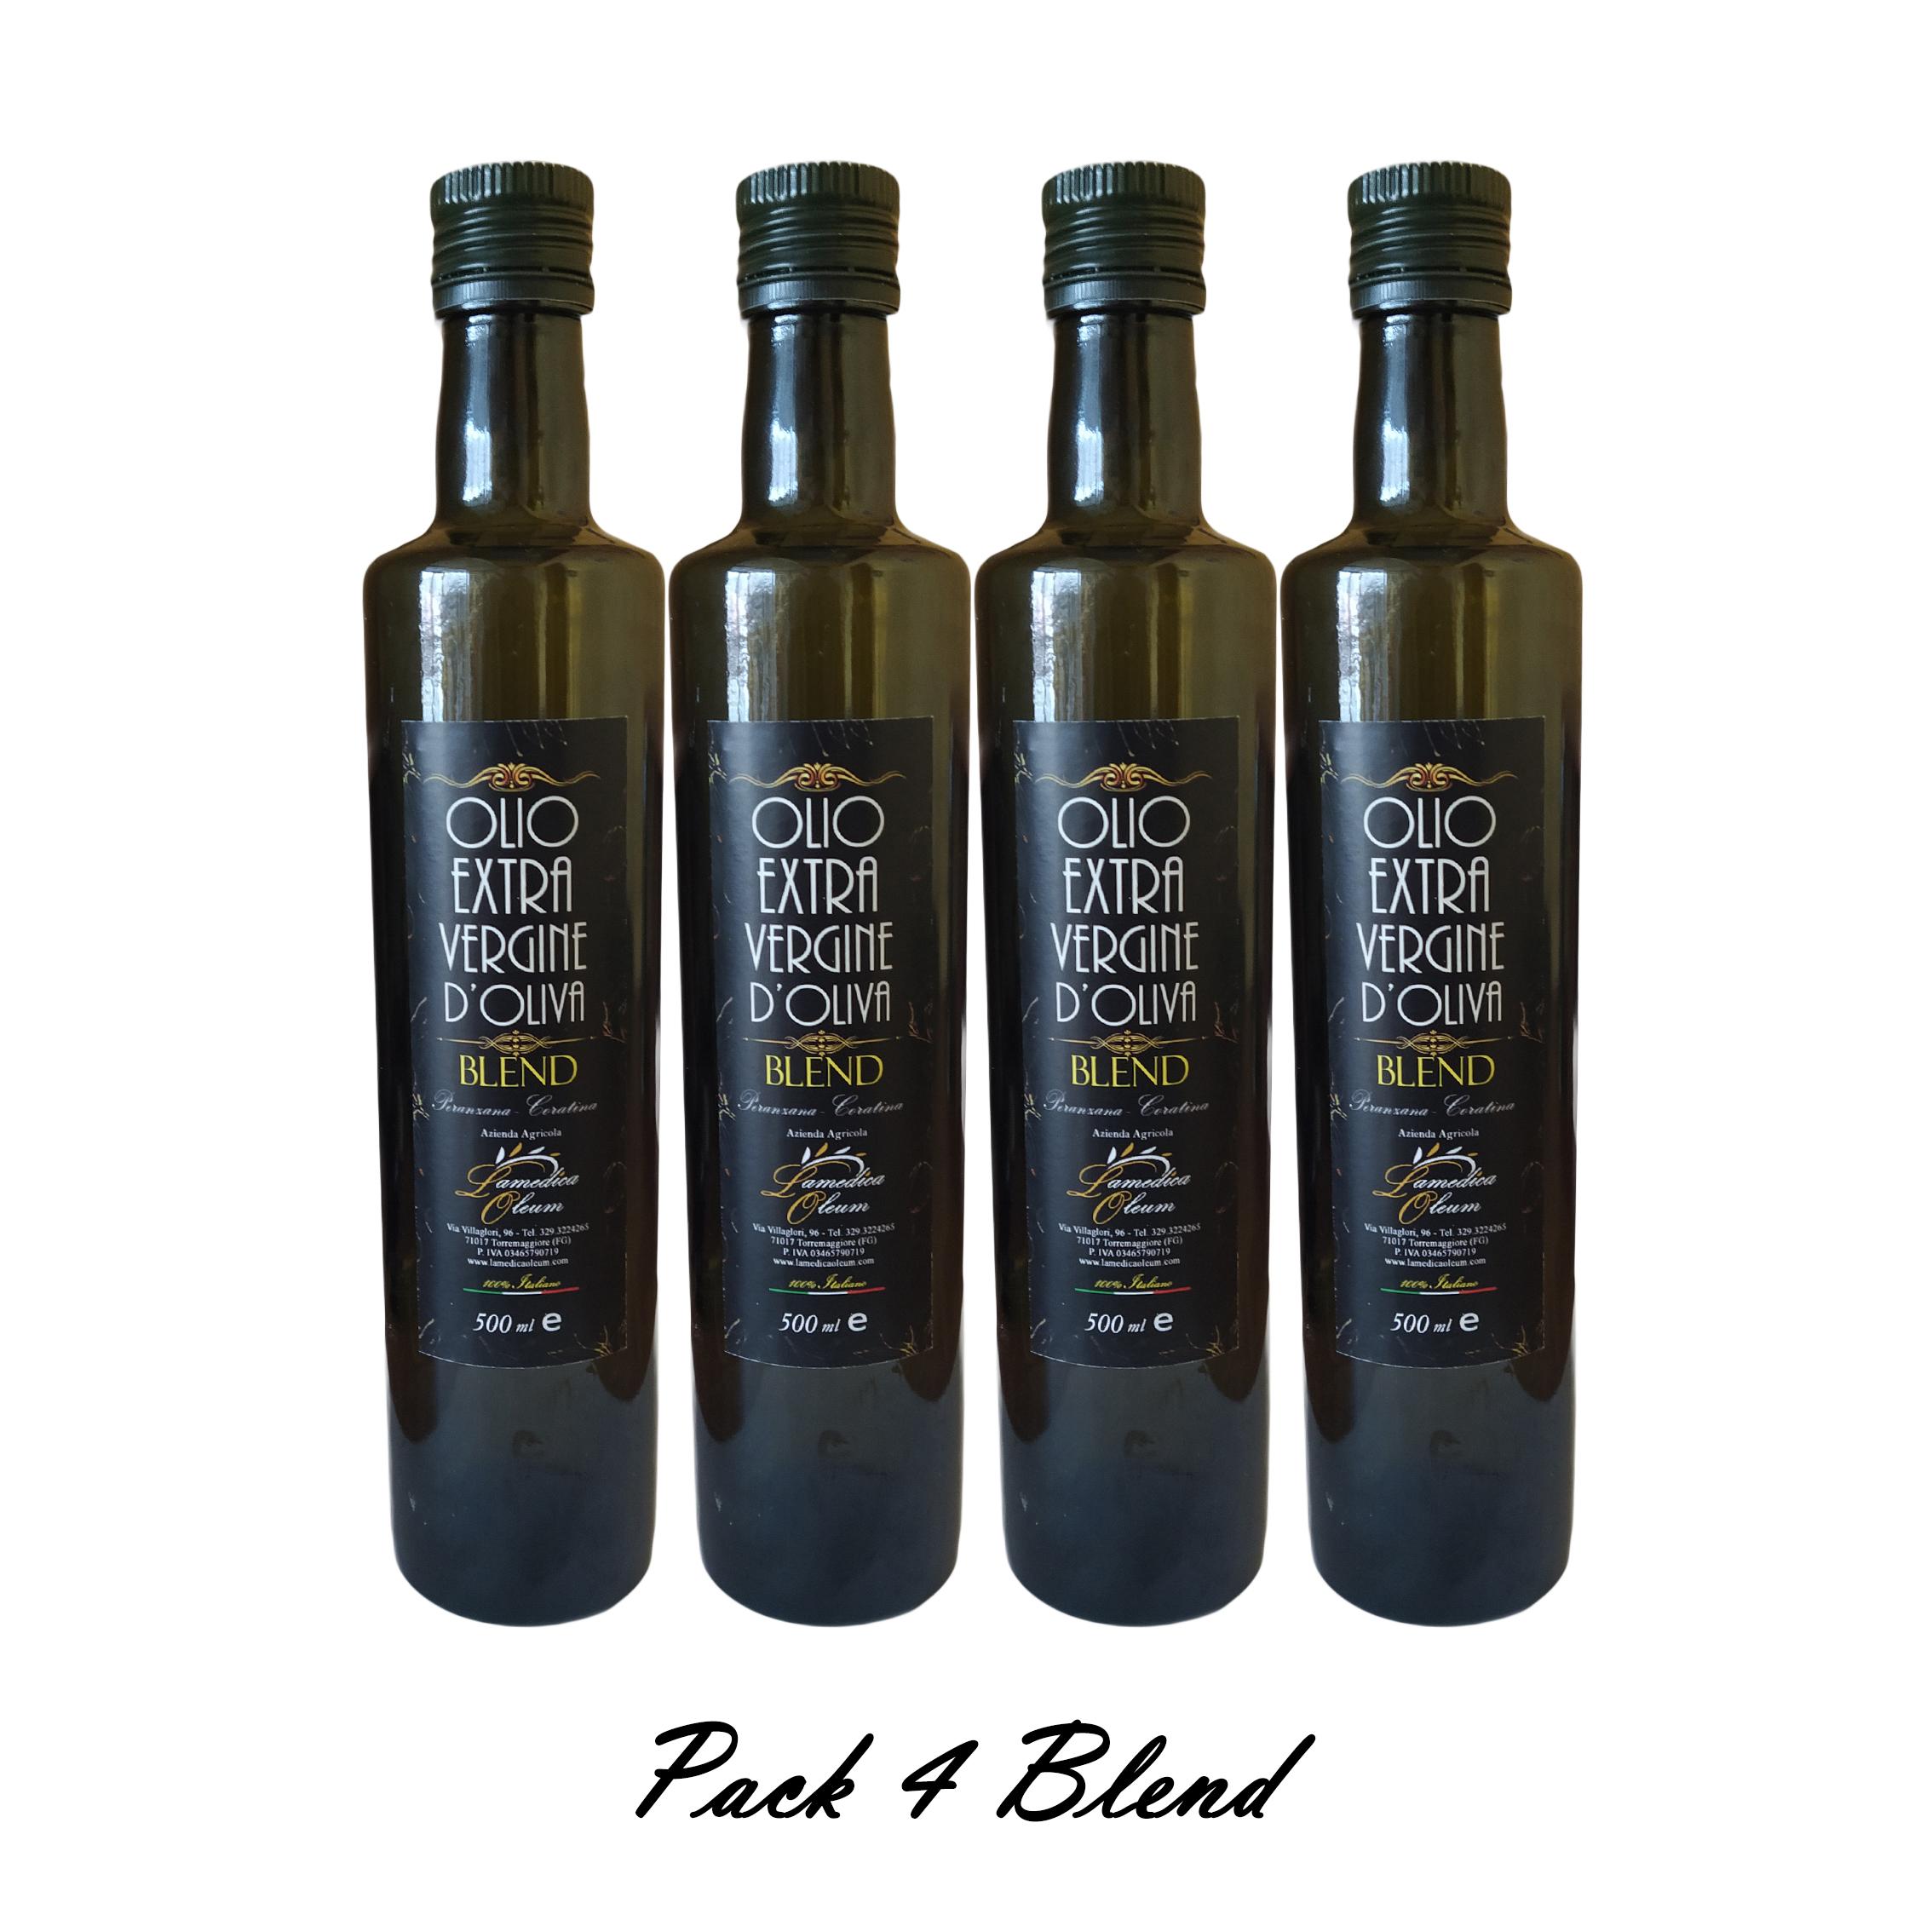 Pack 4 Bottiglie 500ml Olio Extravergine D'Oliva Blend